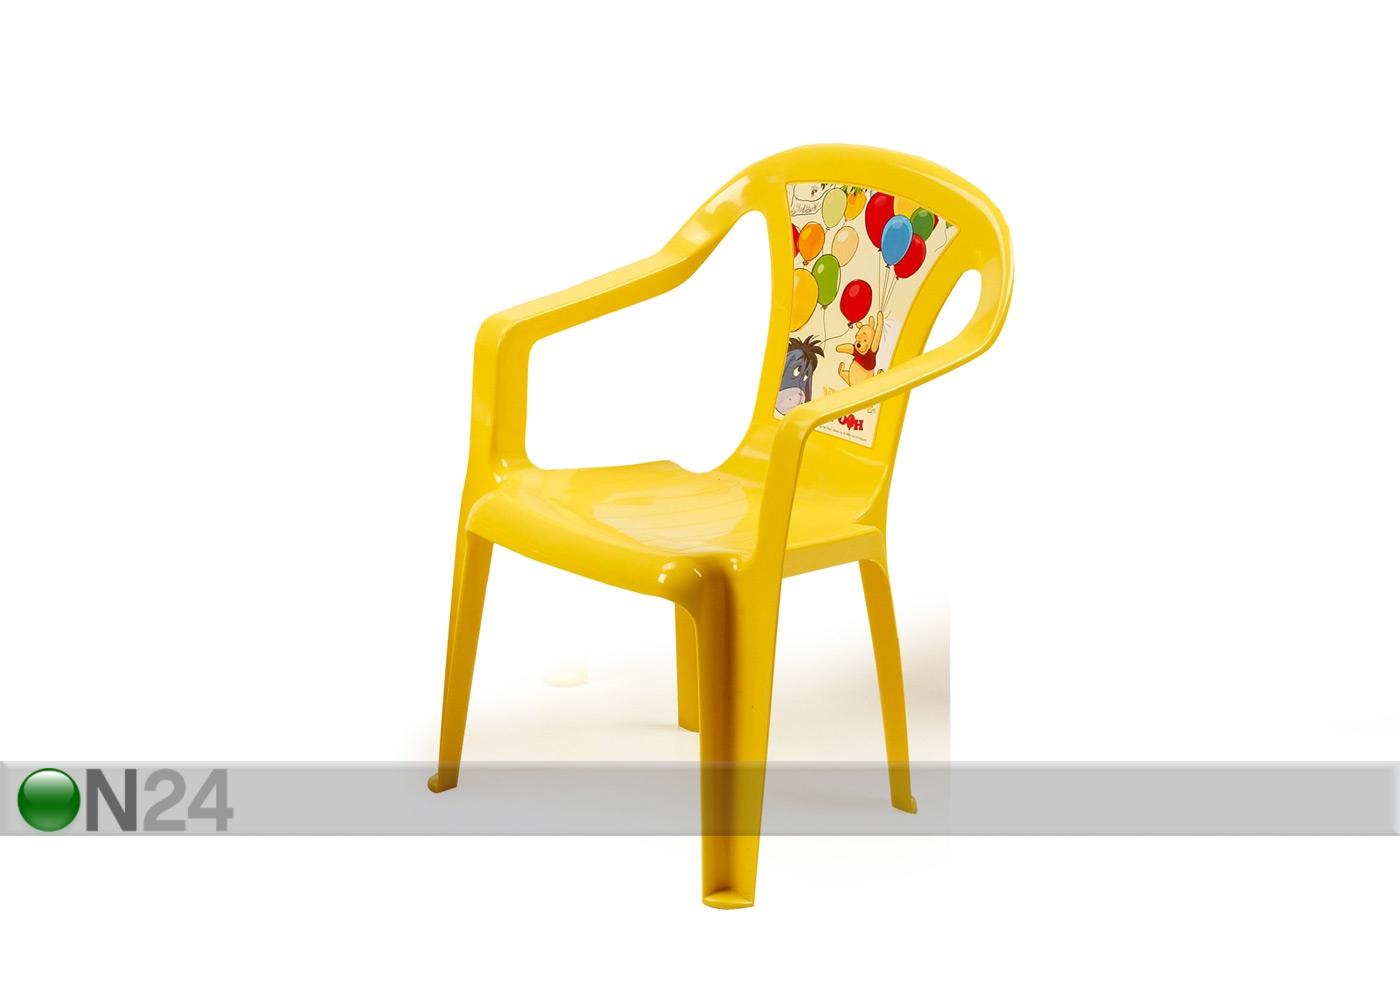 Lasten tuoli NALLE PUH EV 49298  ON24 Sisustustavaratalo